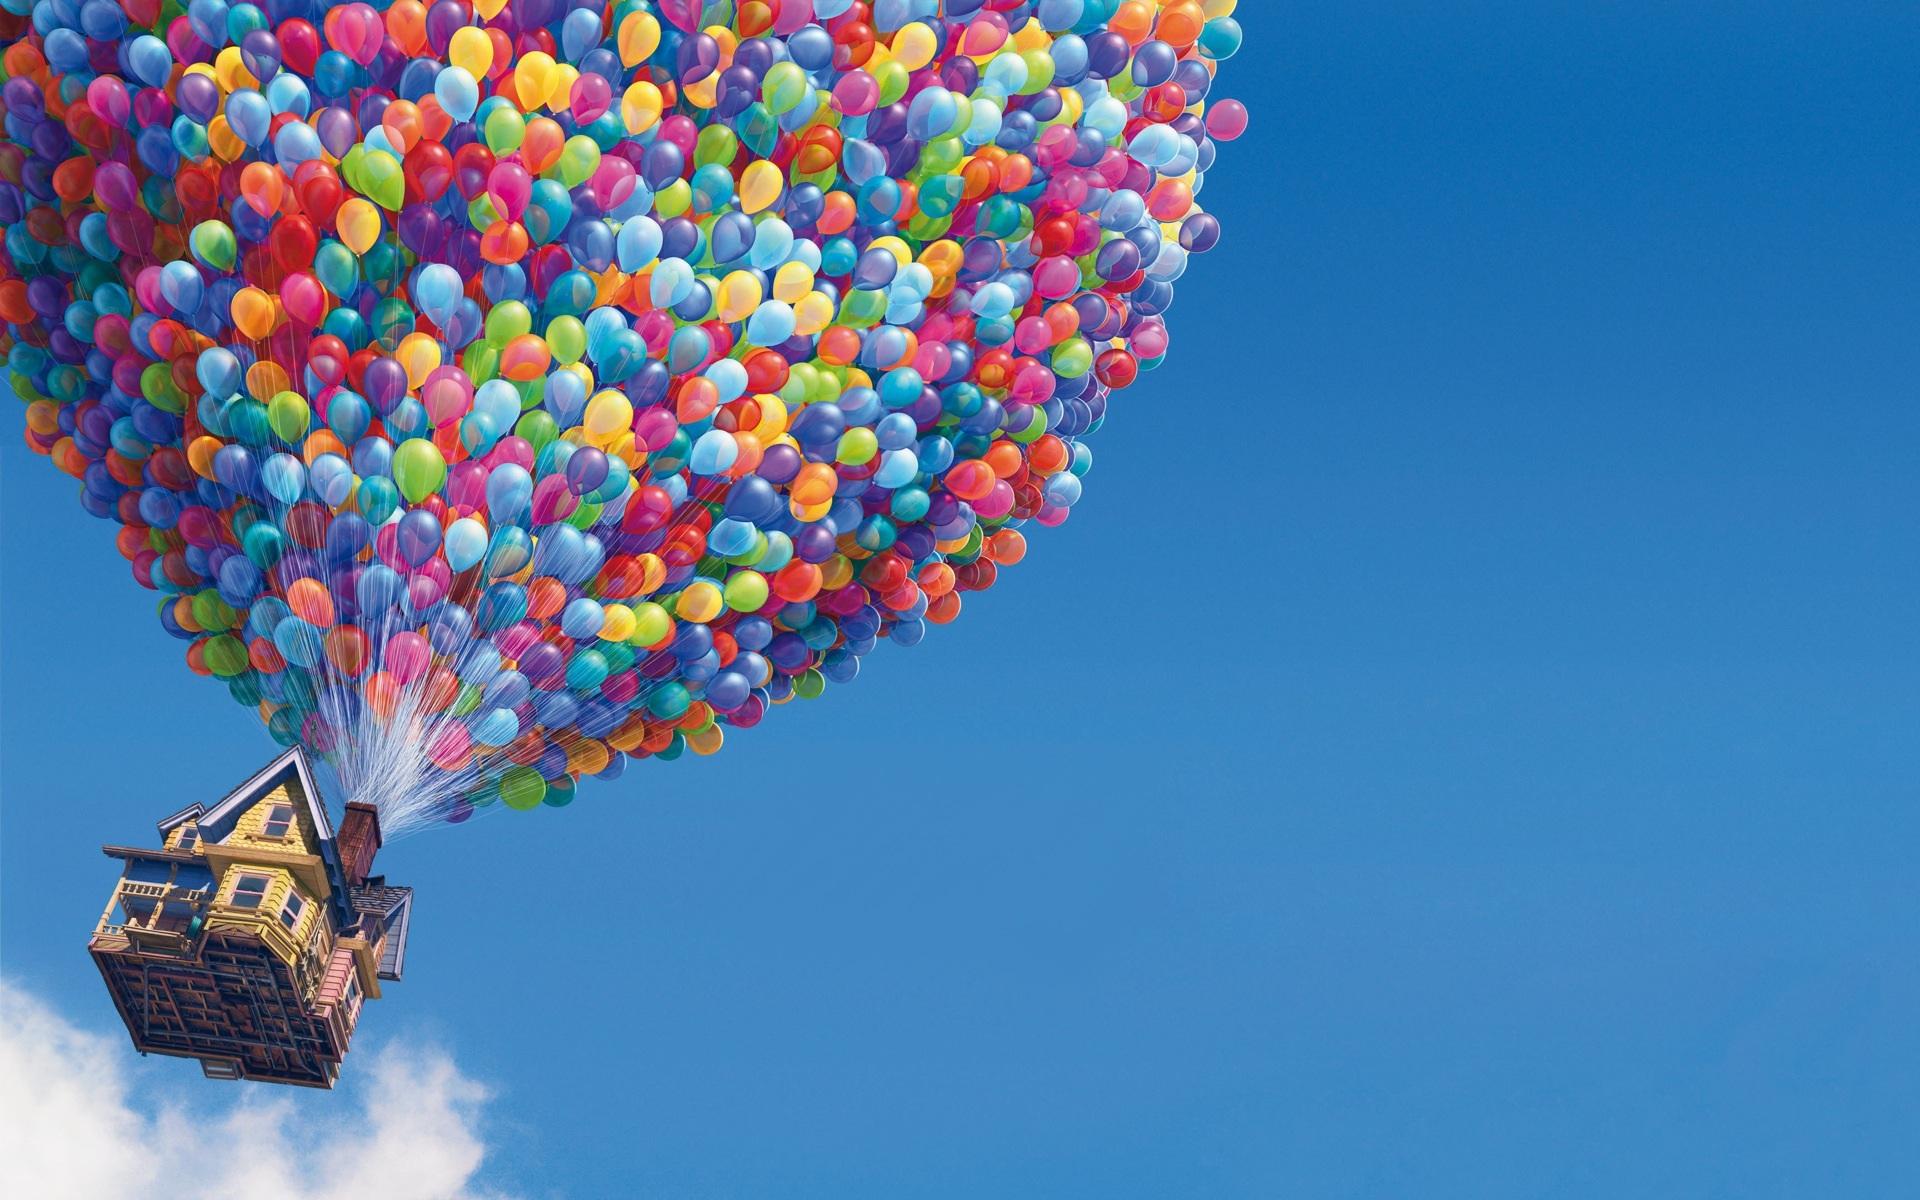 wallpaper up pixar film